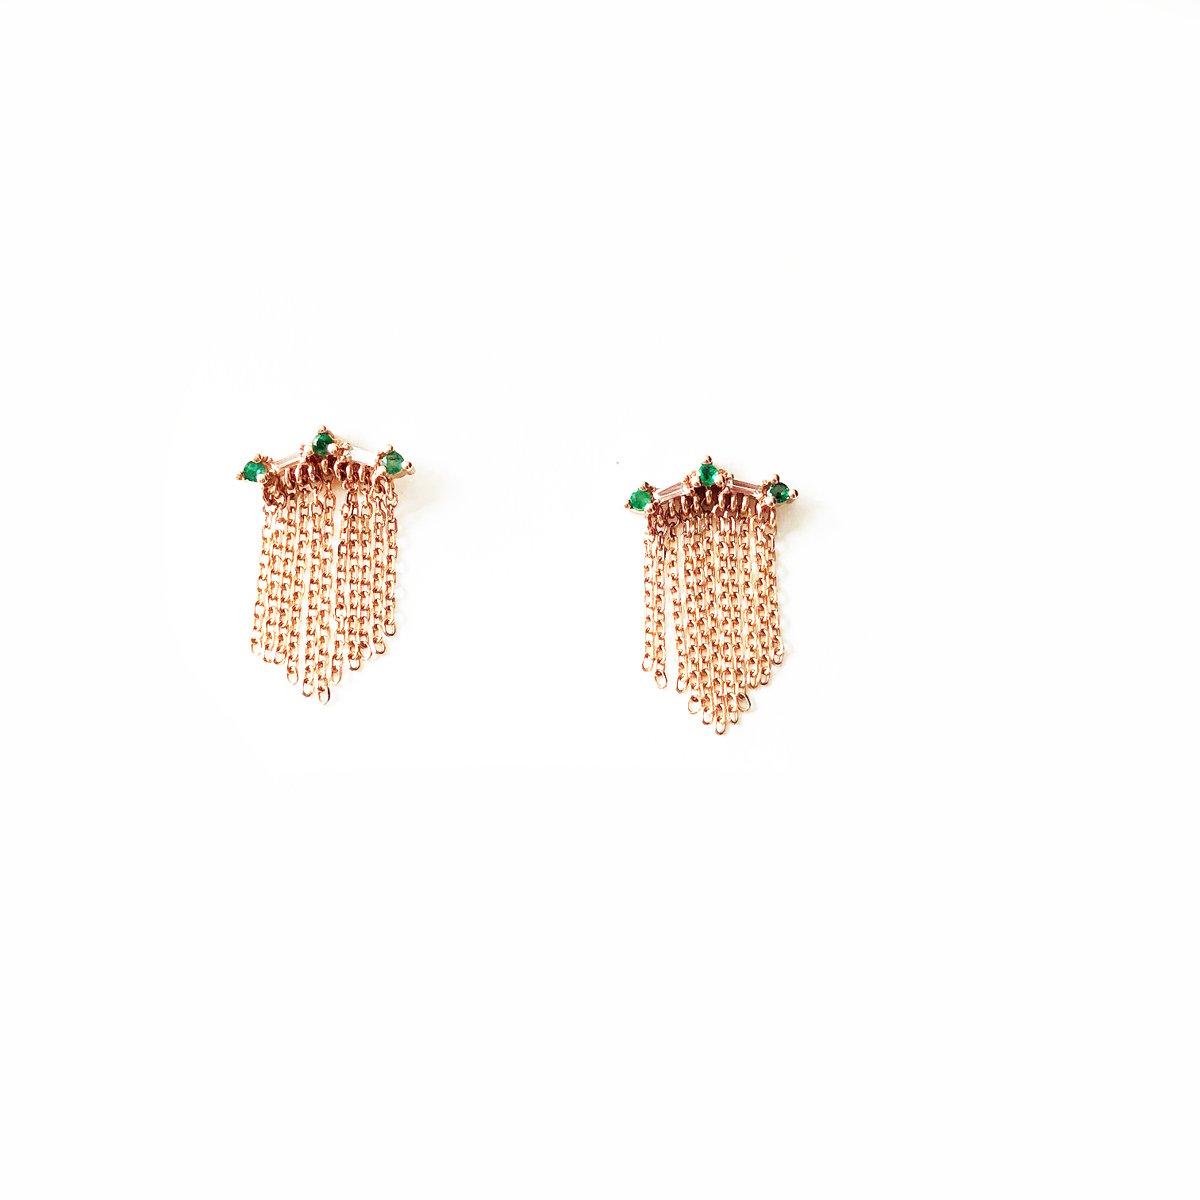 Image of Deco Fringe Emerald Earring